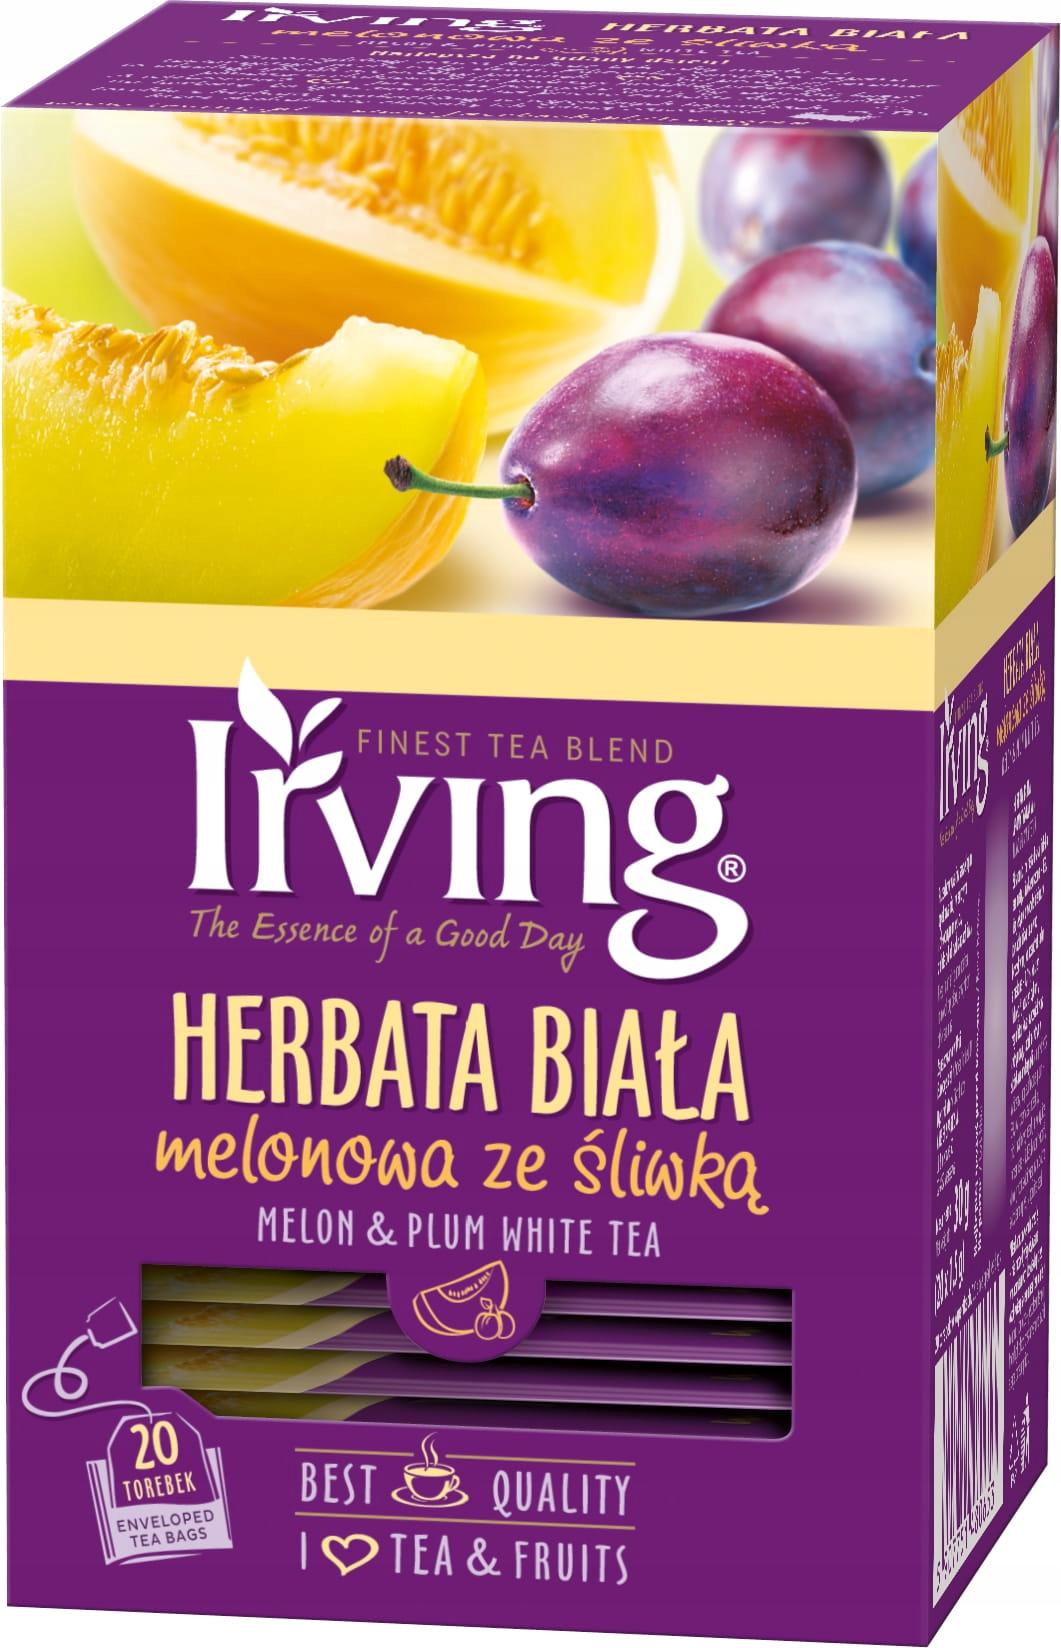 Купить Белый чай melonowa zesliwka 20 kopertek на Otpravka - цены и фото - доставка из Польши и стран Европы в Украину.